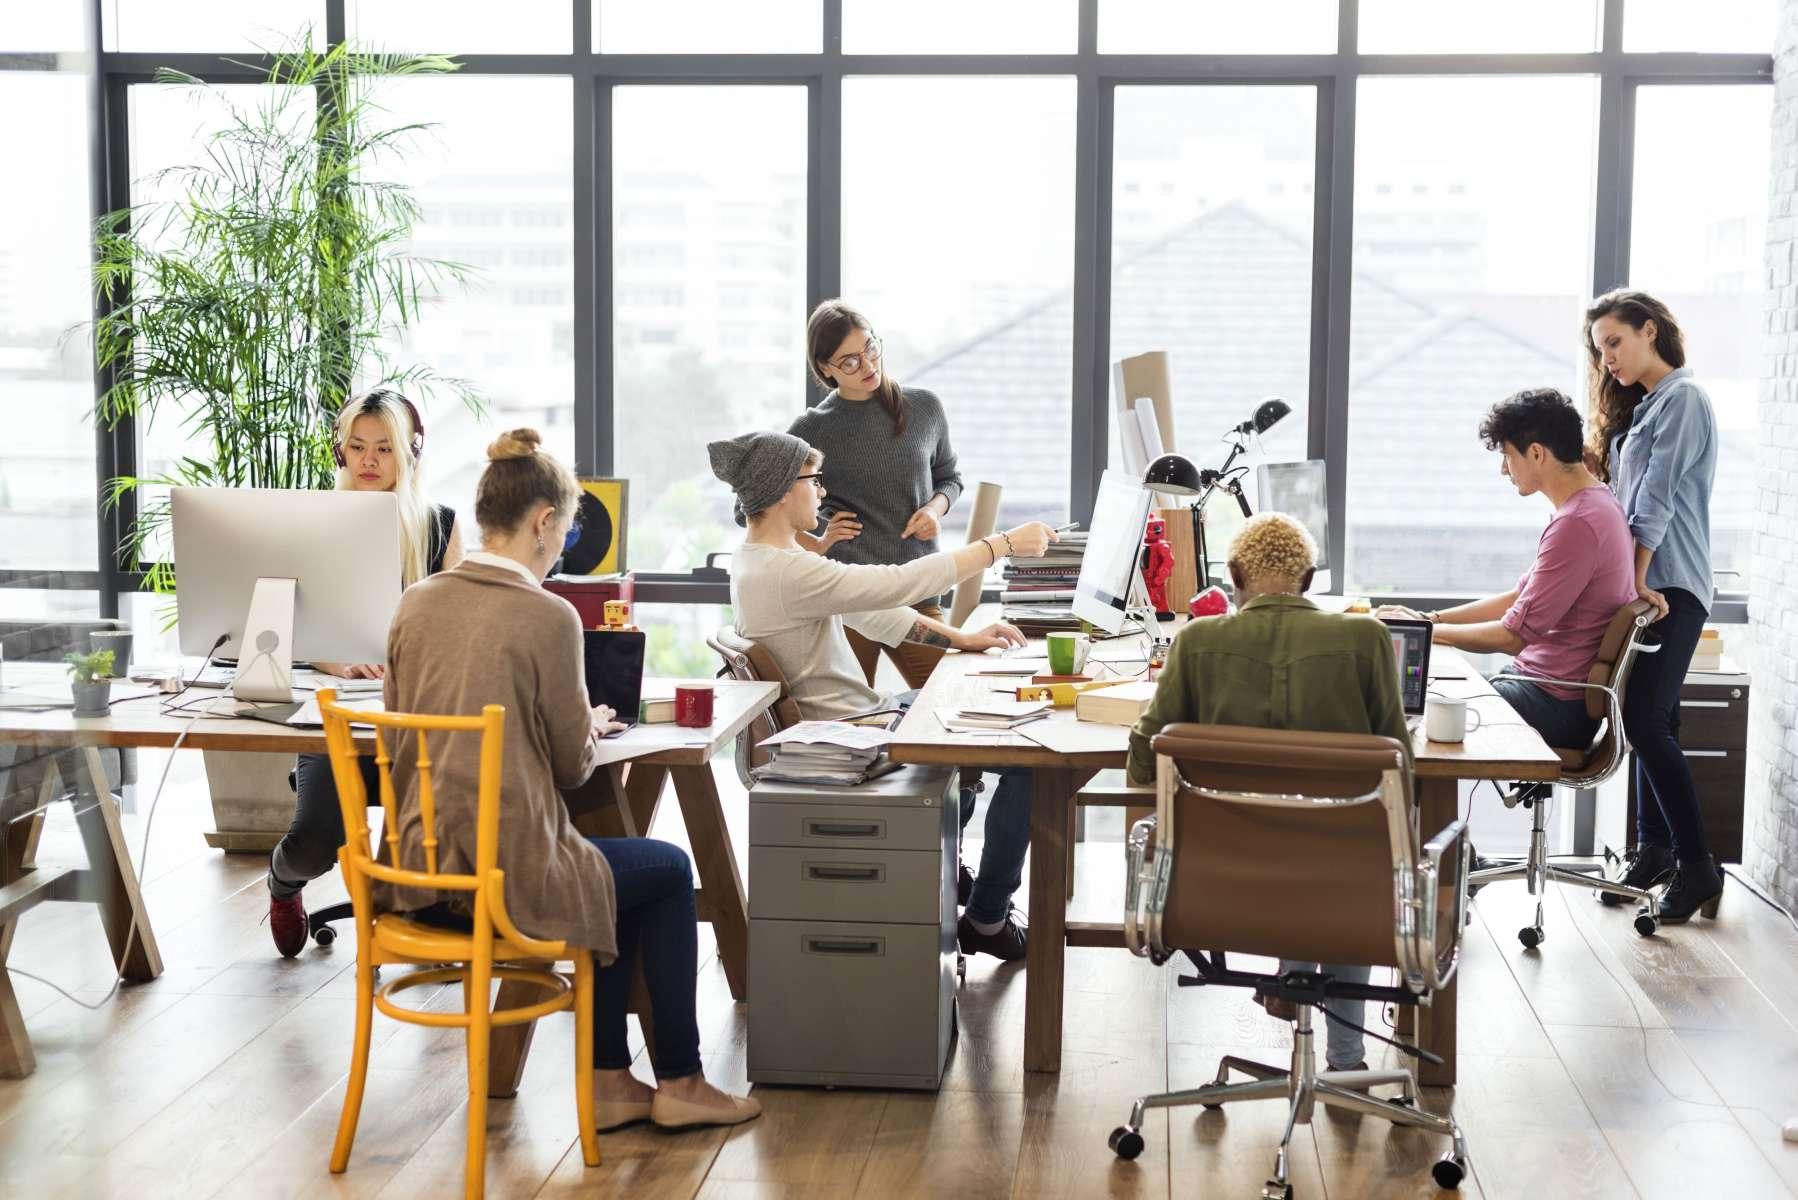 Emploi: le taux d'activité en Belgique passe de 67% à 70%